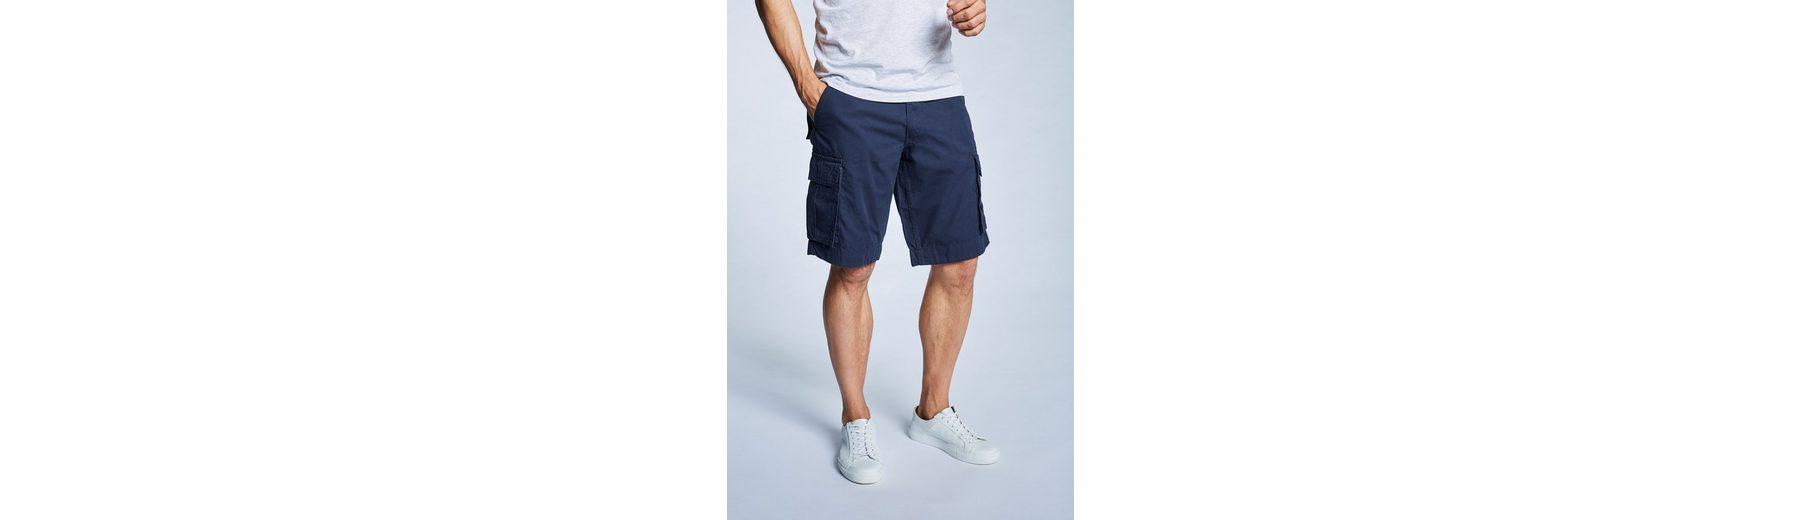 OKLAHOMA Jeans Canvas Bermuda A707-NY